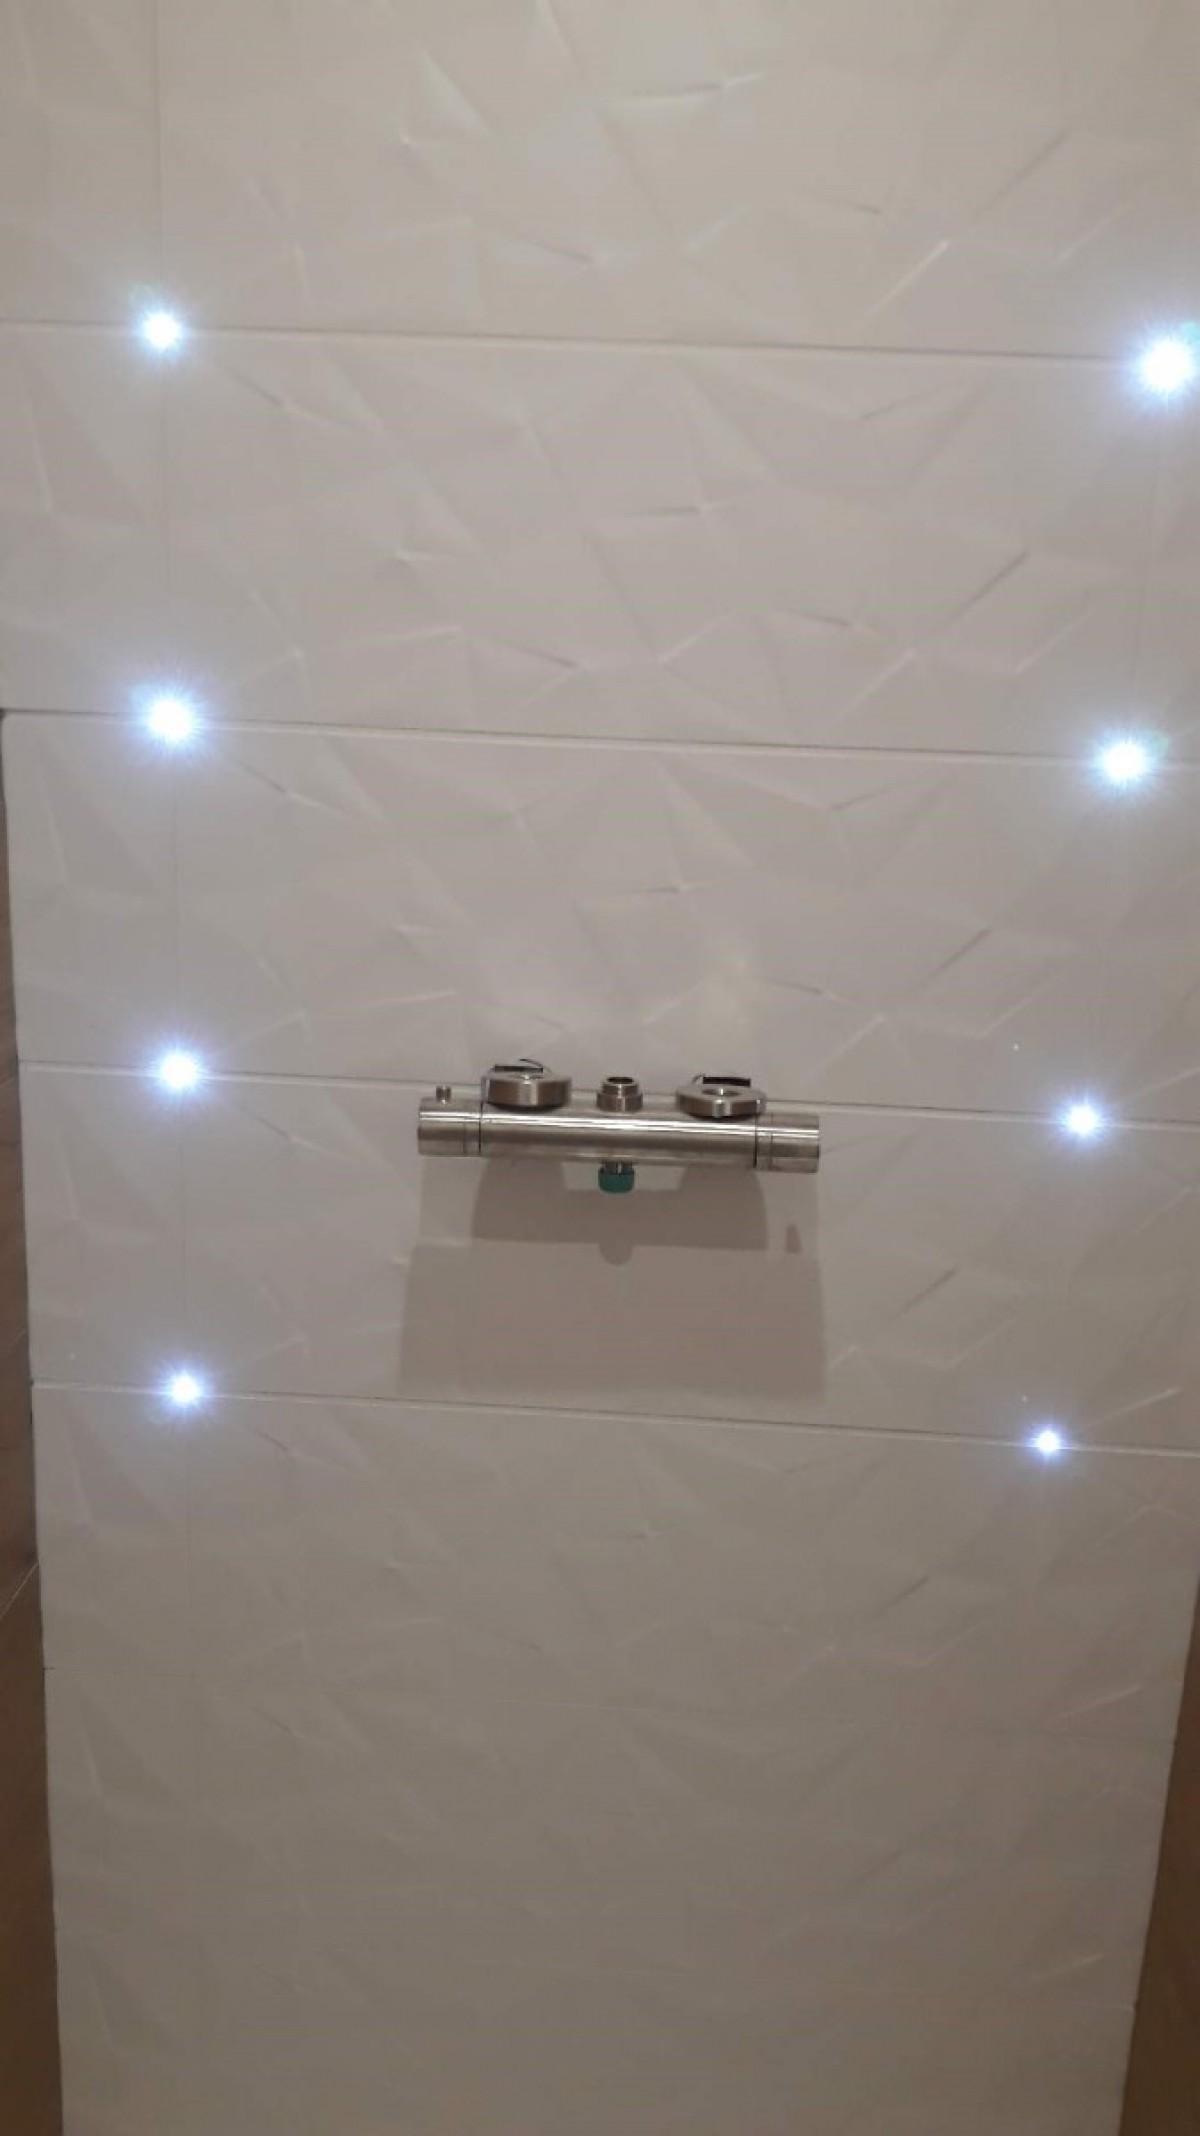 Réalisation d'une douche avec incorporation de LED dans les joints